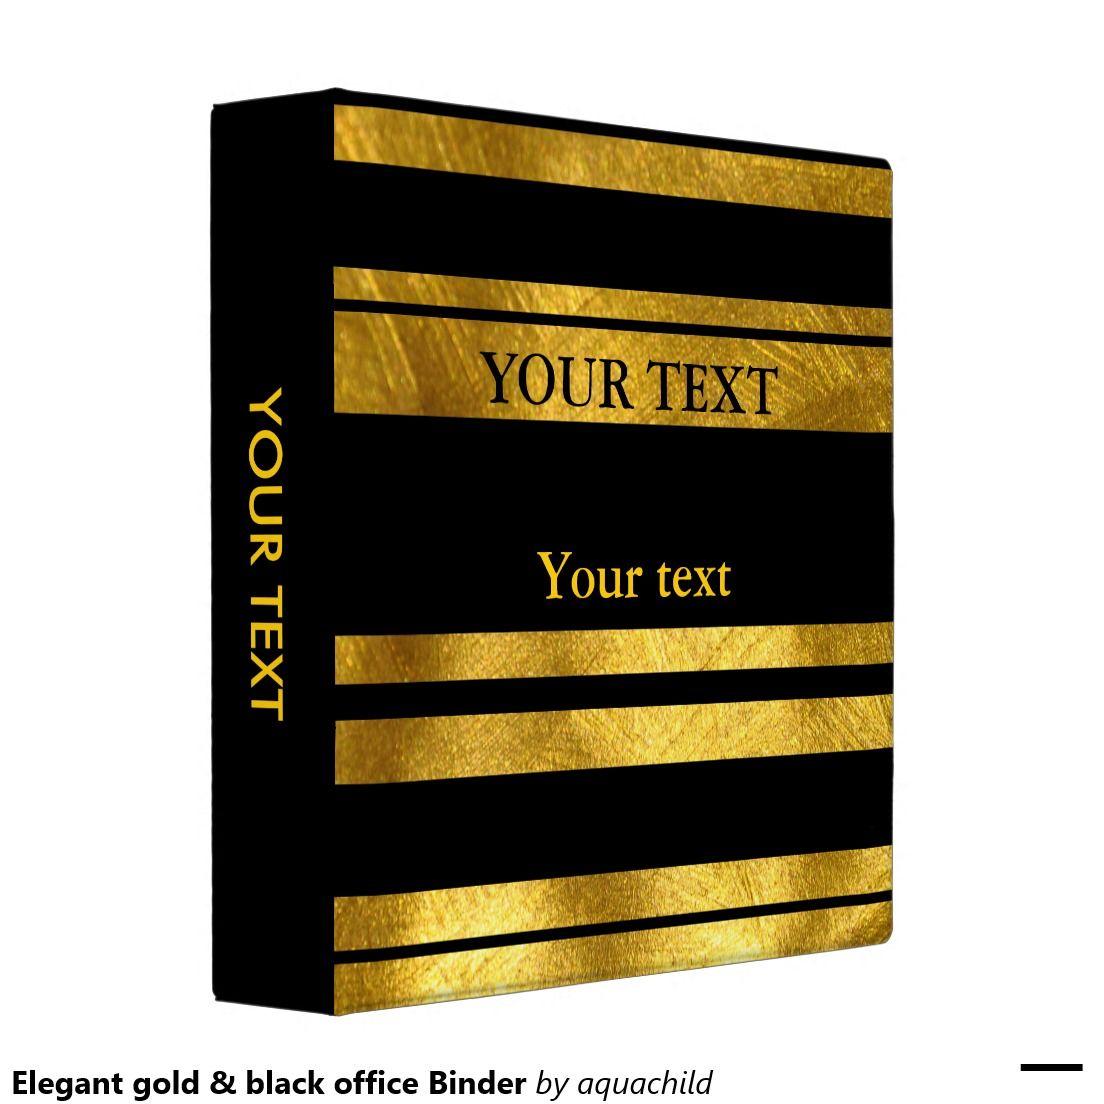 Elegant Gold & Black Office Binder